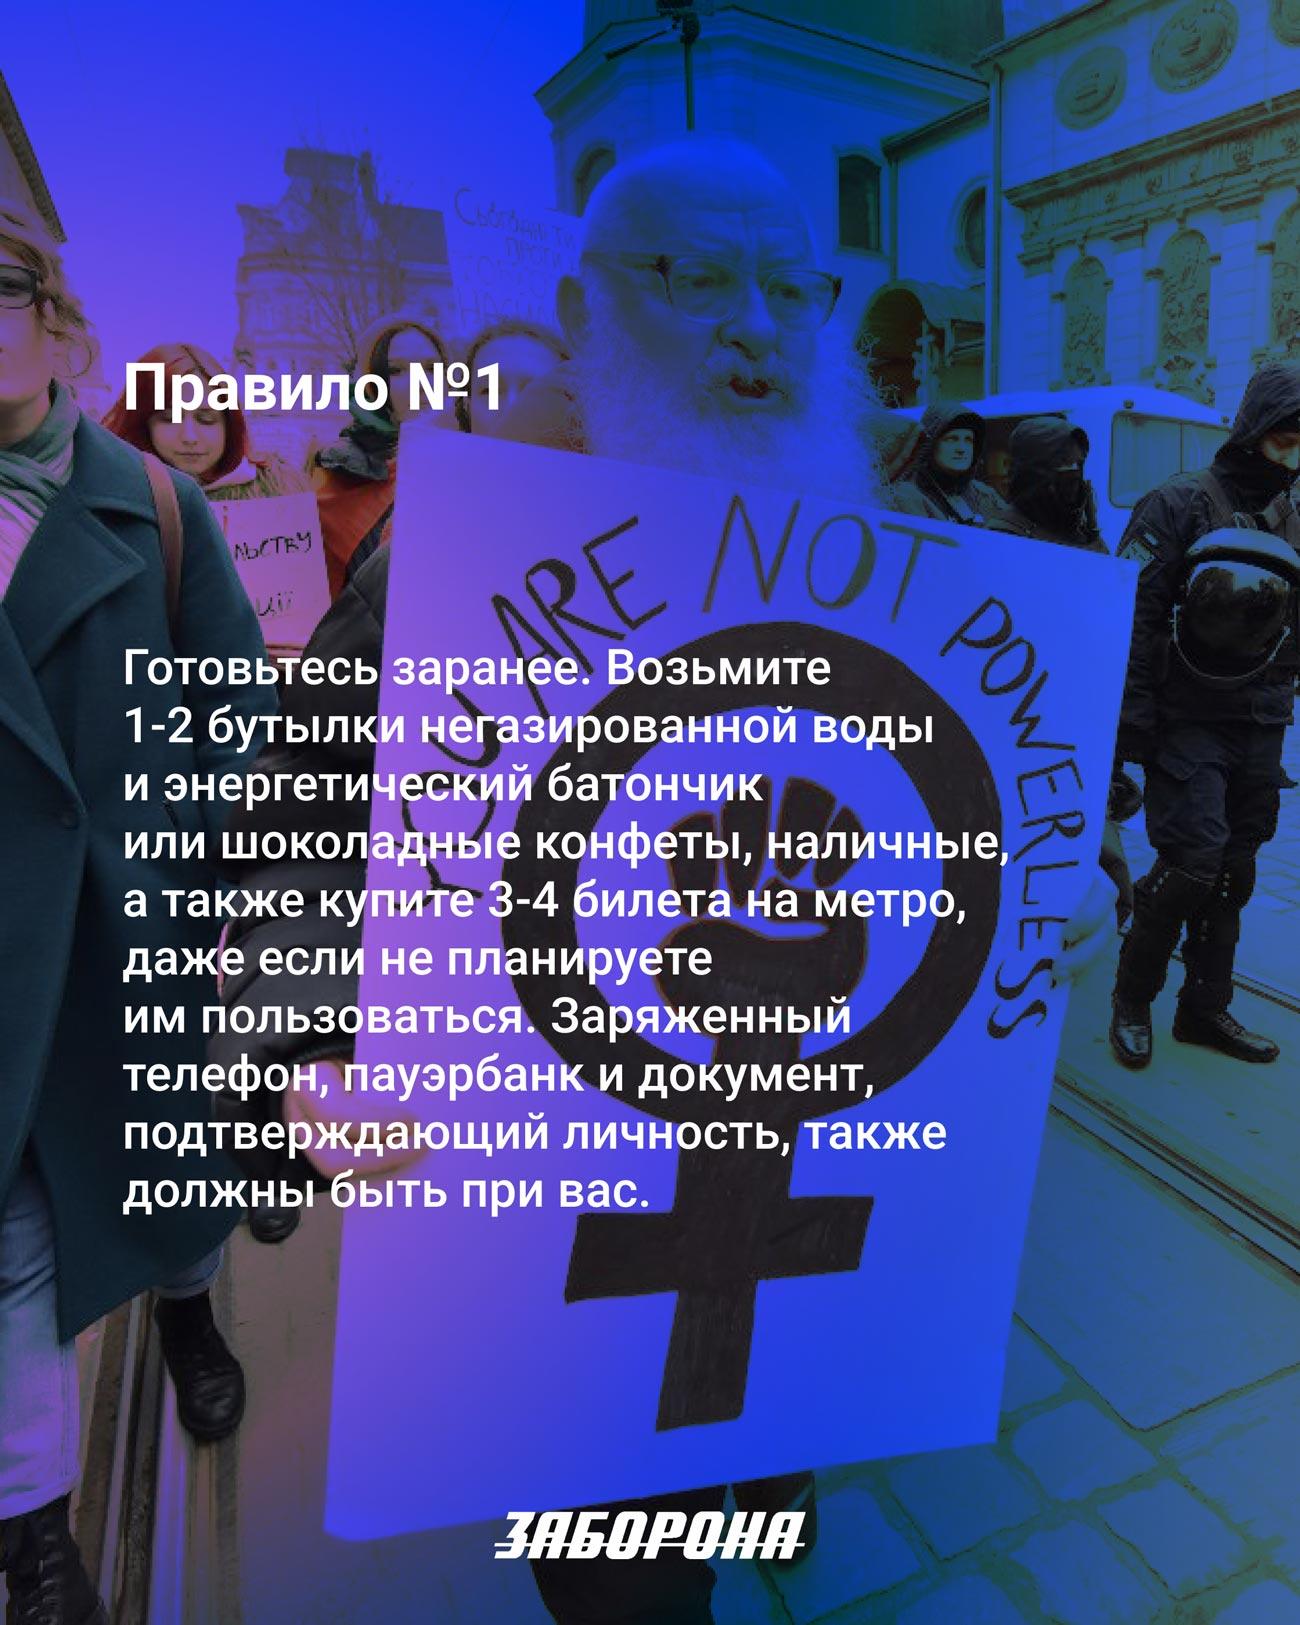 women march cards rule 1 ru - <b>Как сходить на марш и вернуться невредимой.</b> Краткая инструкция по безопасности - Заборона